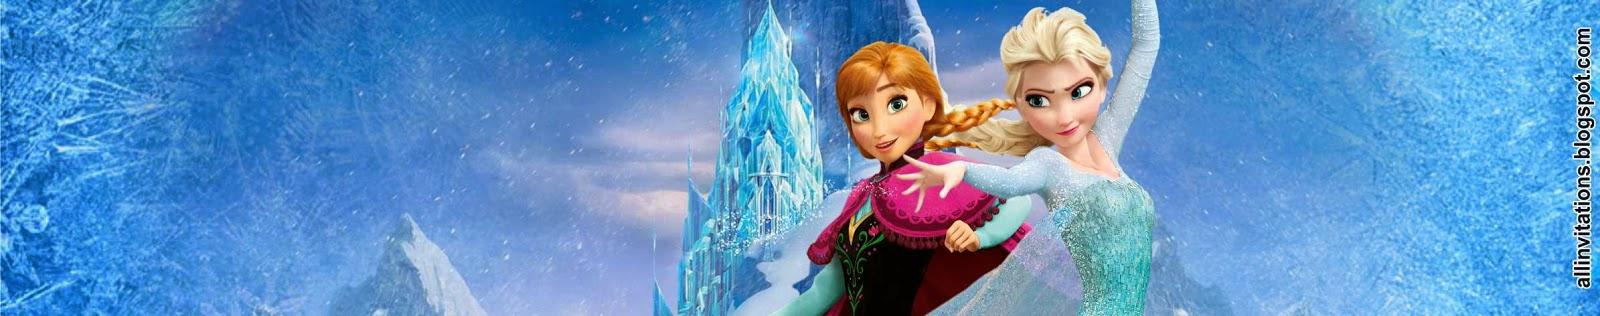 Plantilla para etiqueta de envase de botella con el tema de Frozen una aventura congelada